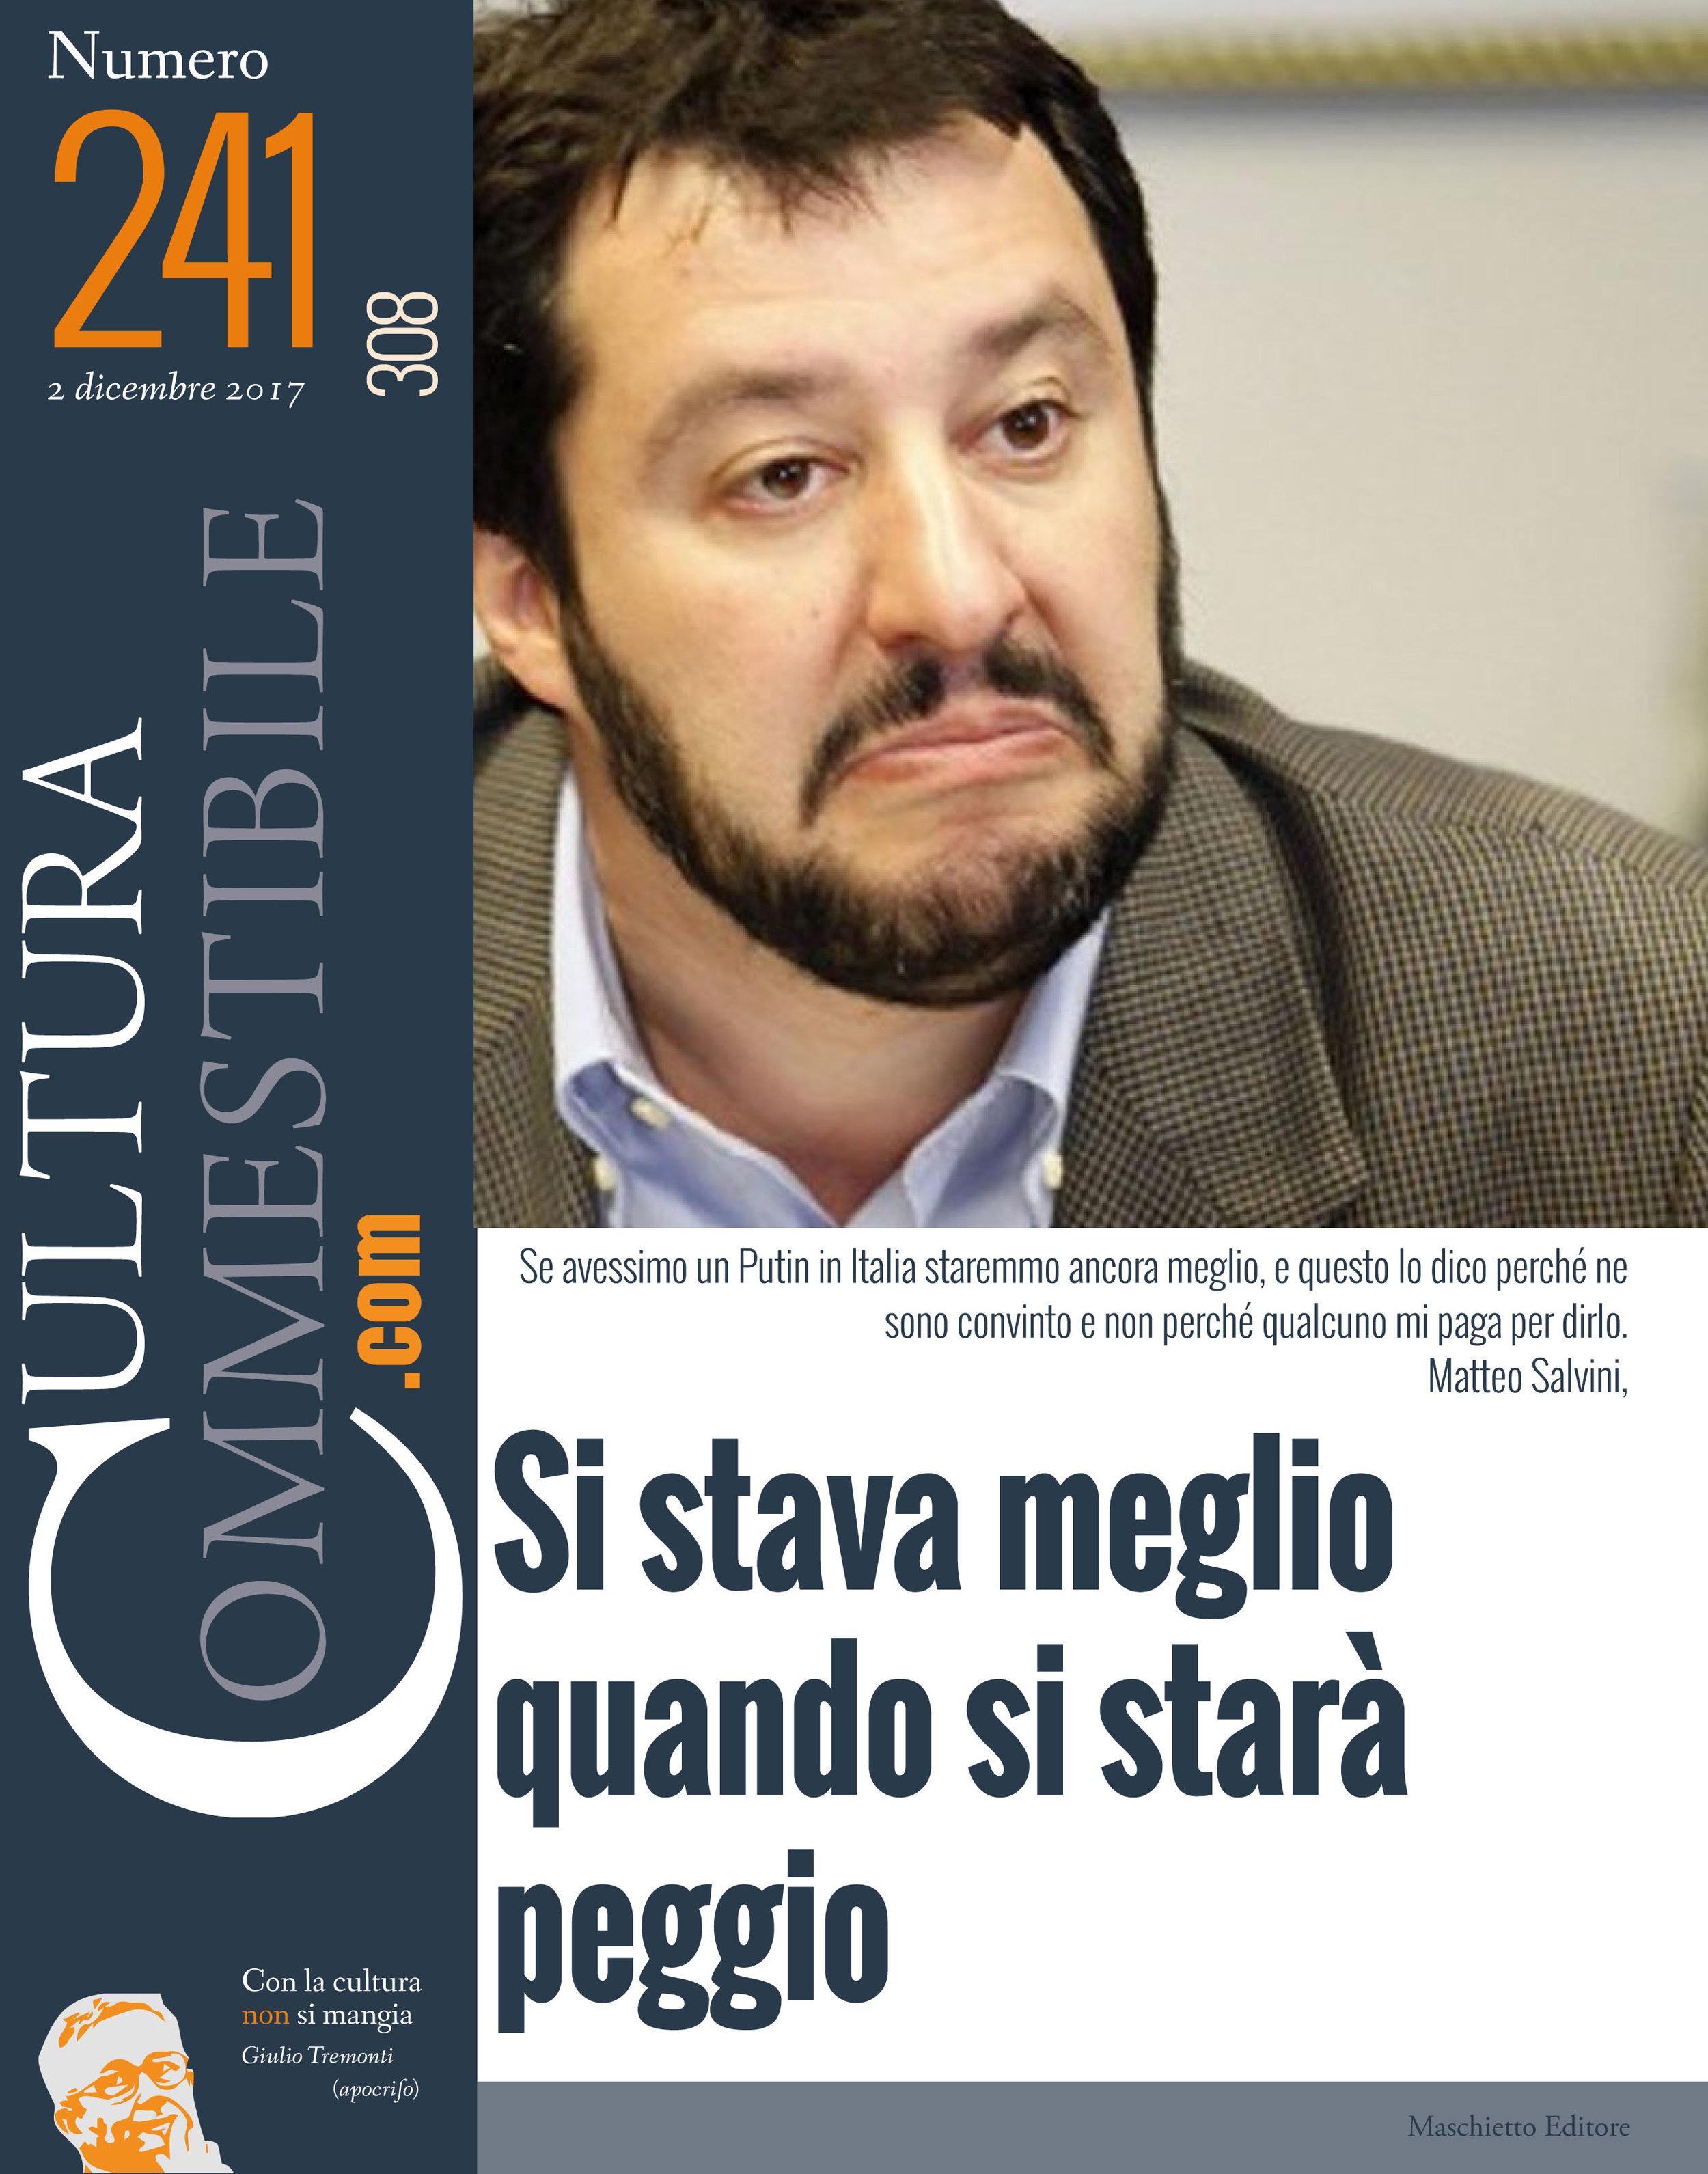 Cultura-Commestibile-241-1.jpg